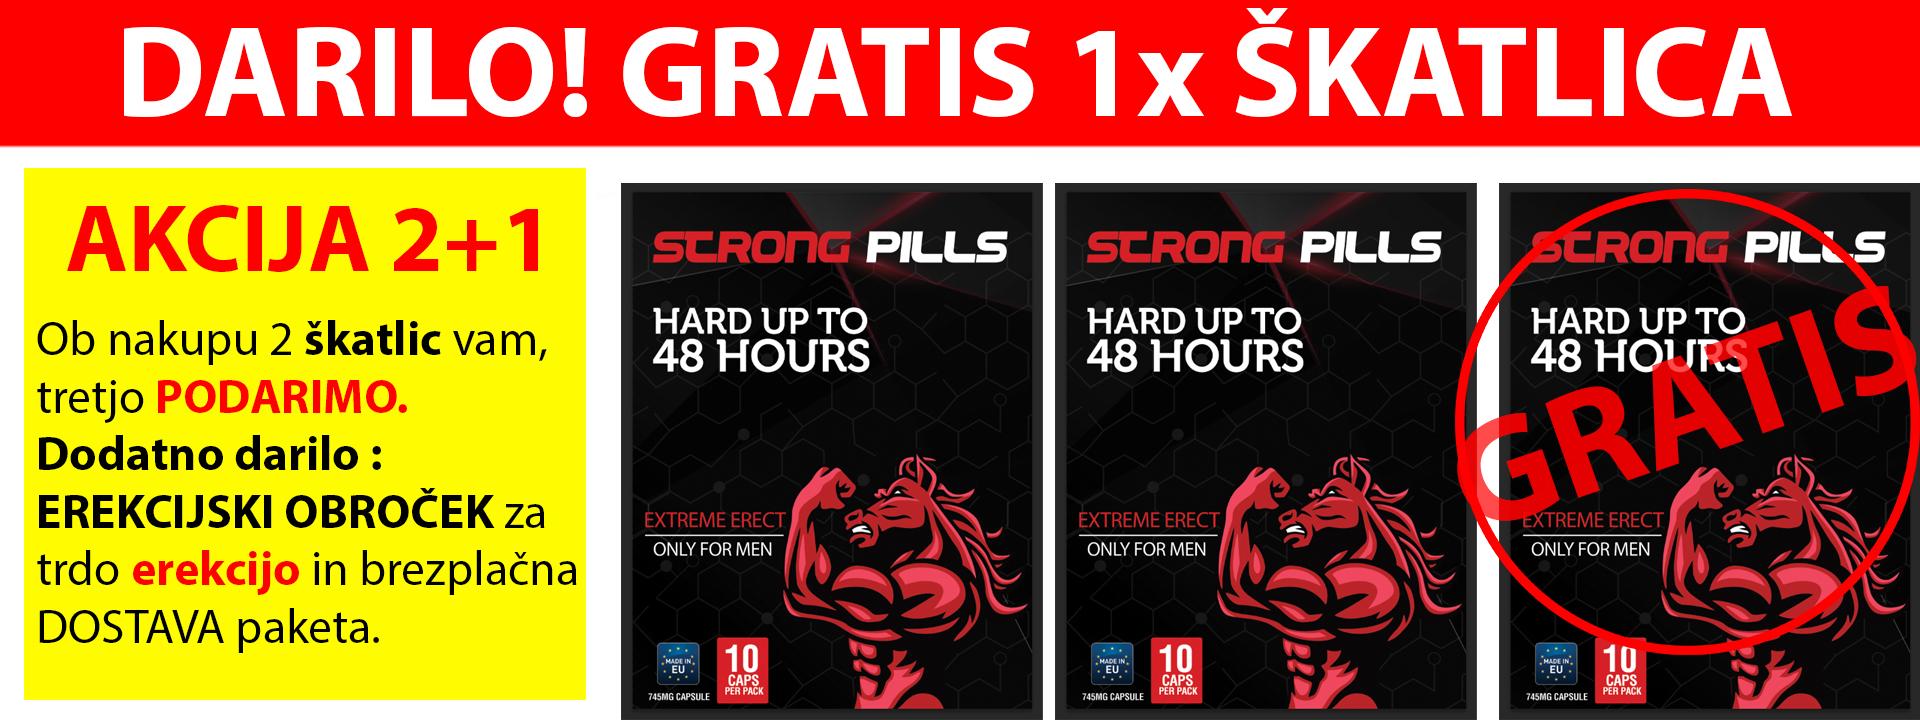 Sex tablete strong pills